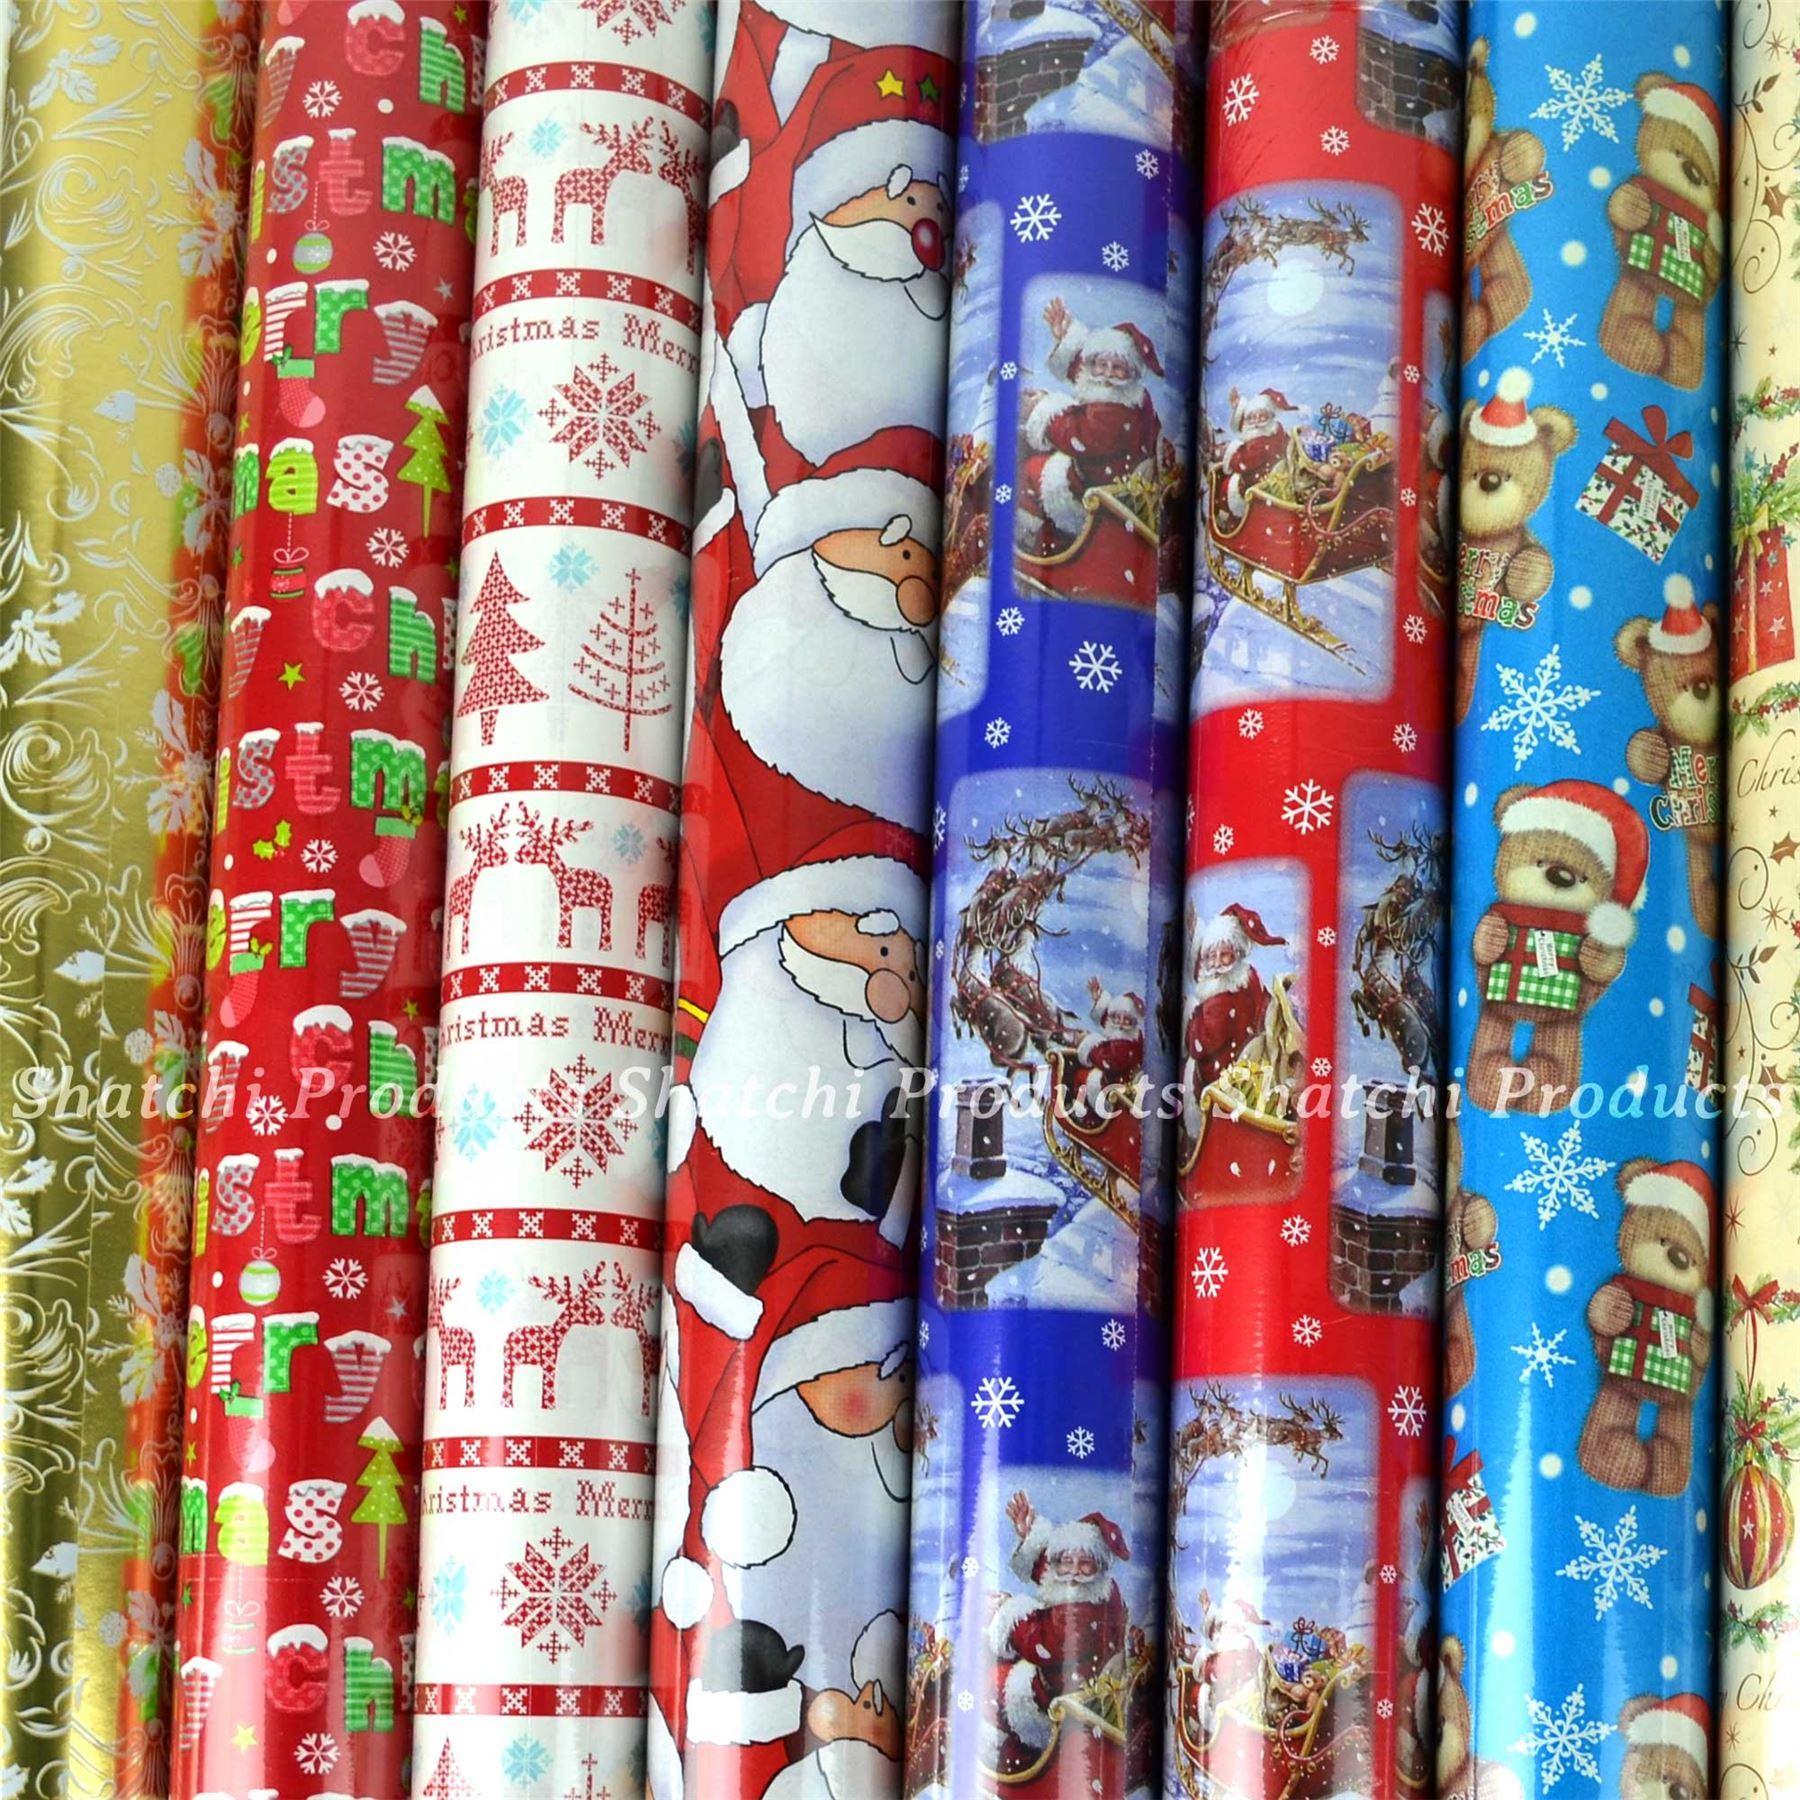 10M-Natale-Regalo-Wrap-Assortiti-ROTOLI-DI-CARTA-DA-PACCO-ROTOLO-REGALO-DI-NATALE miniatura 19